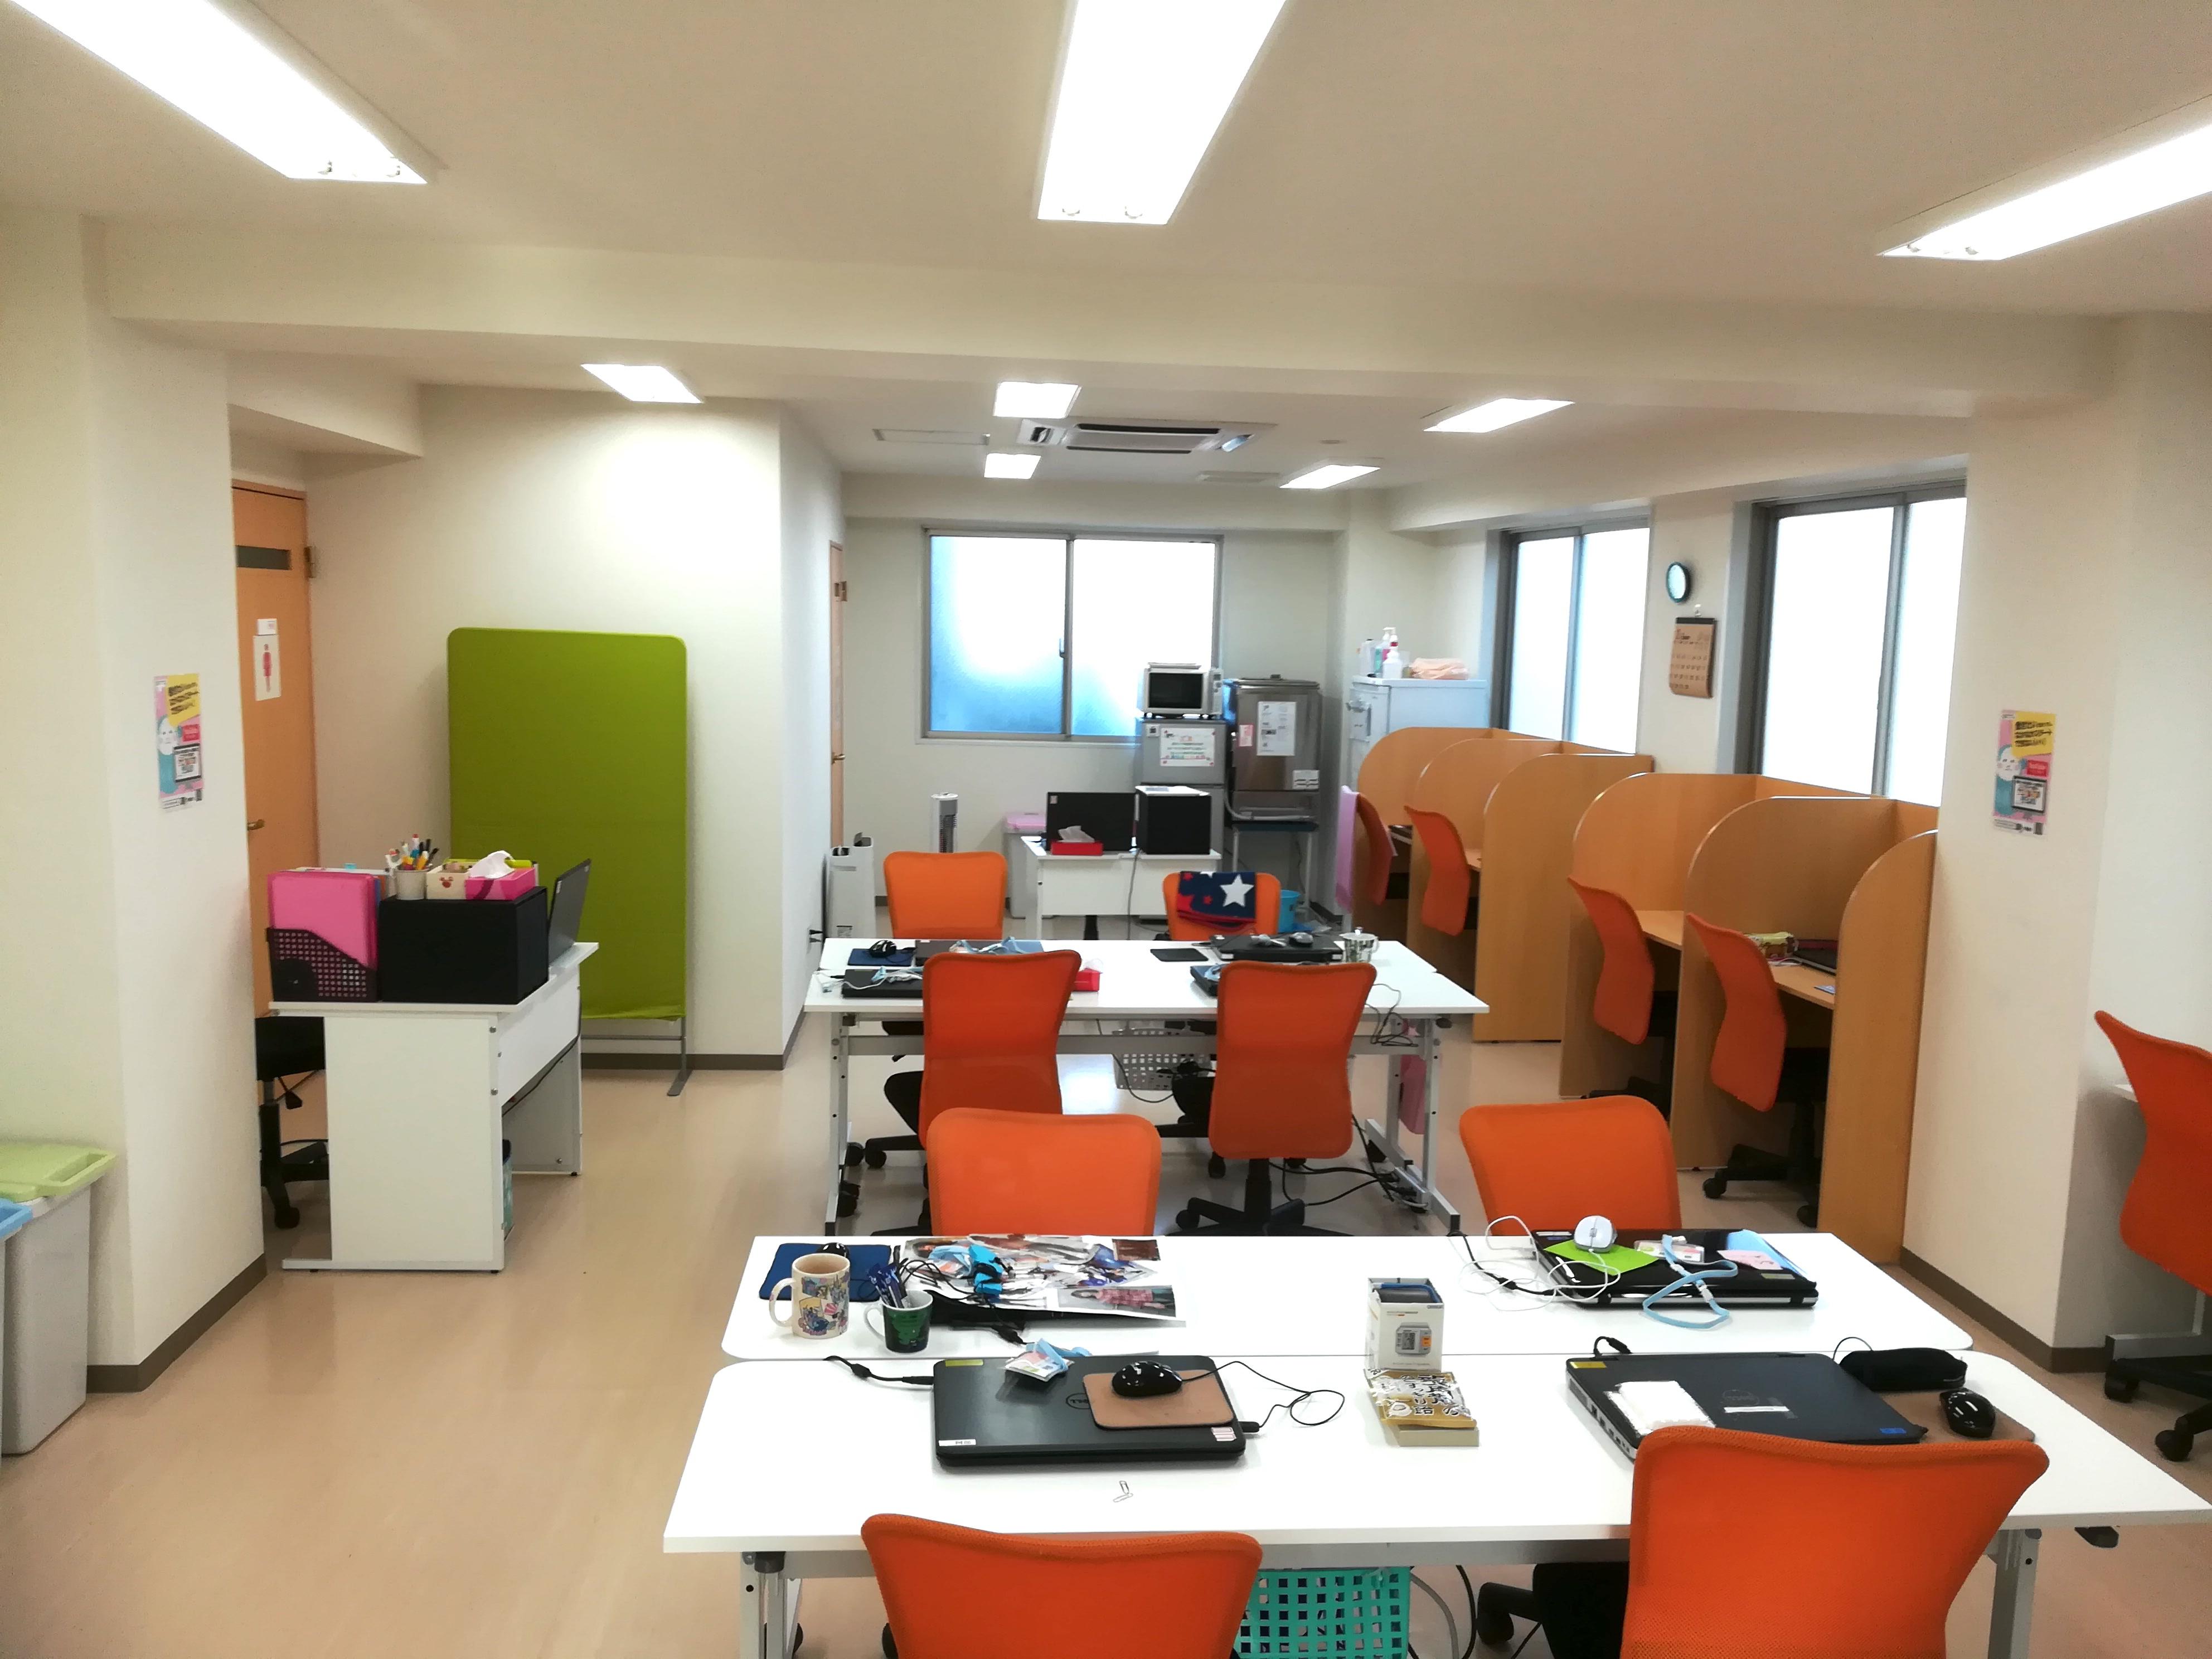 就労移行支援事業所リバーサル 本八幡の室内写真